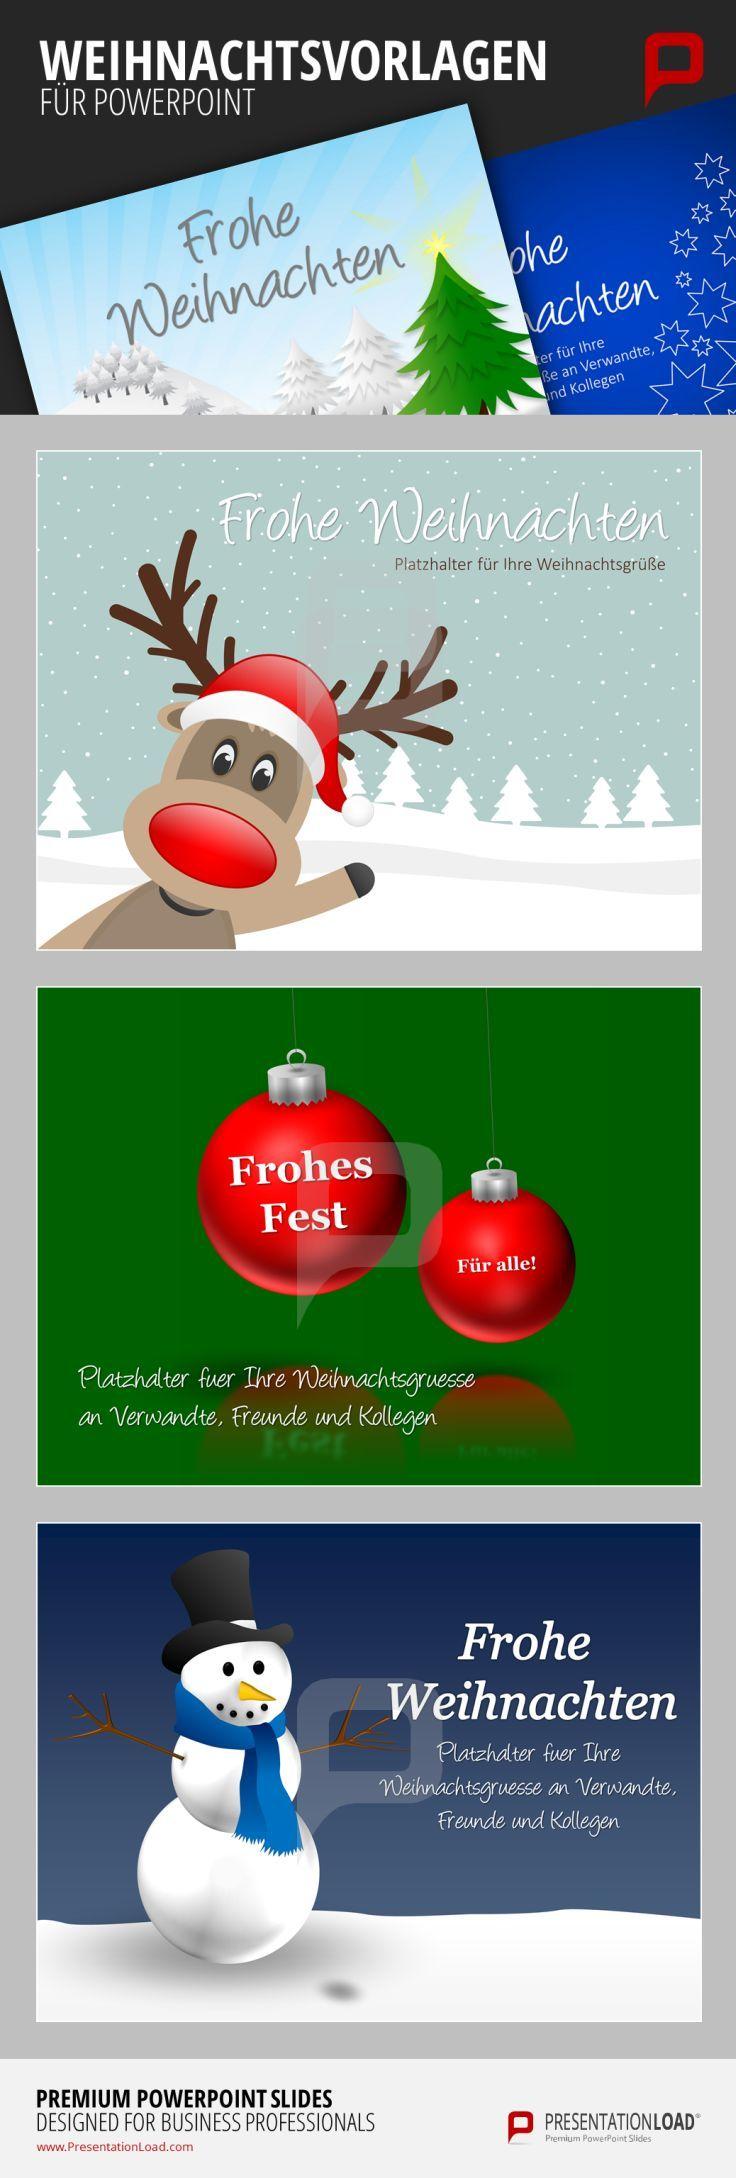 Ob Rudolph, Weihnachtskugeln oder Schneemann - mit diesen schönen Weihnachtsvorlagen für PowerPoint entzücken Sie sowohl Kunden als Freunde.